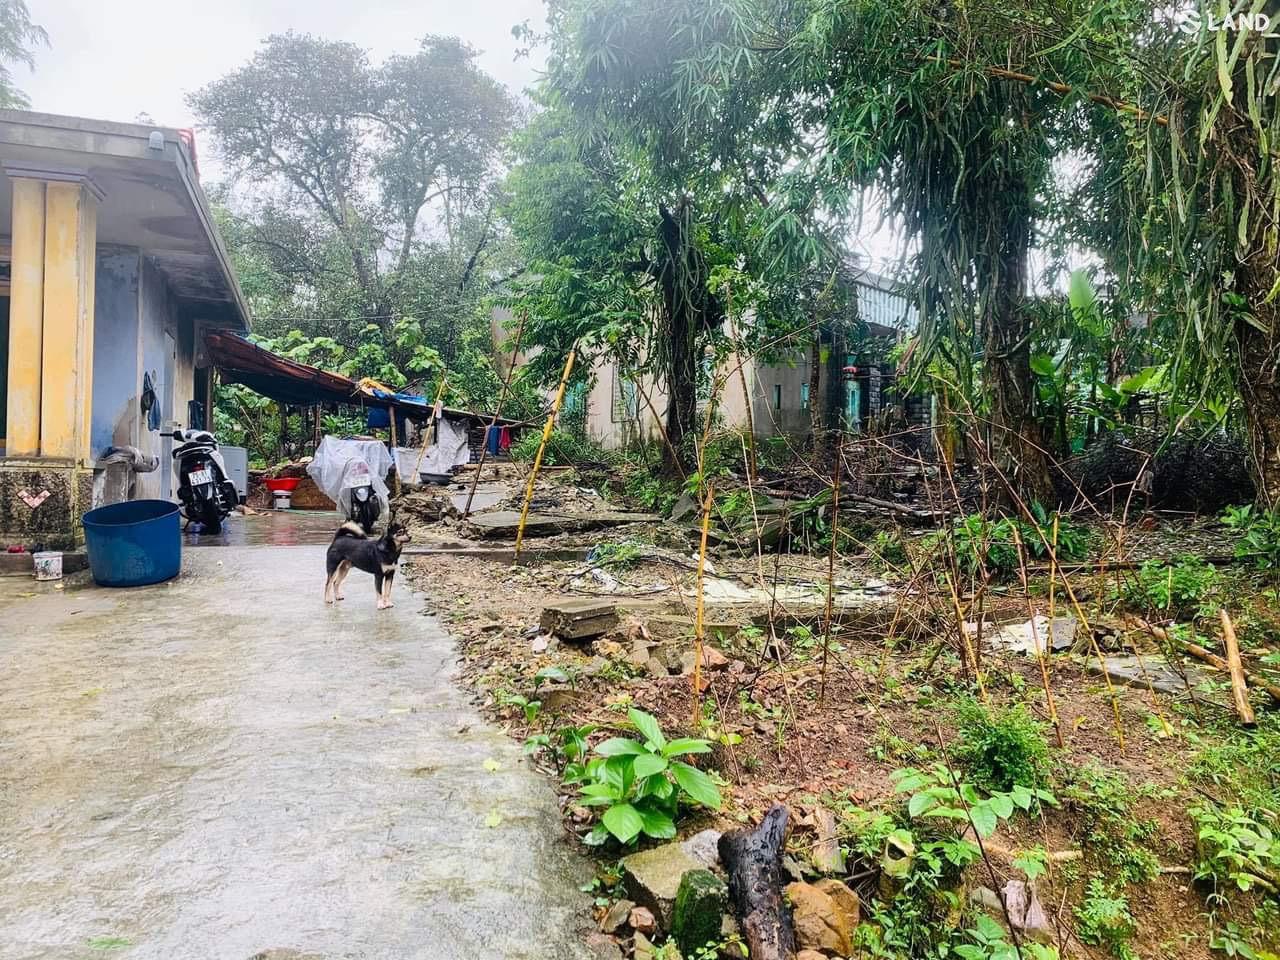 Bán đất kiệt Trần Thái Tông gần Kqh Bàu Vá